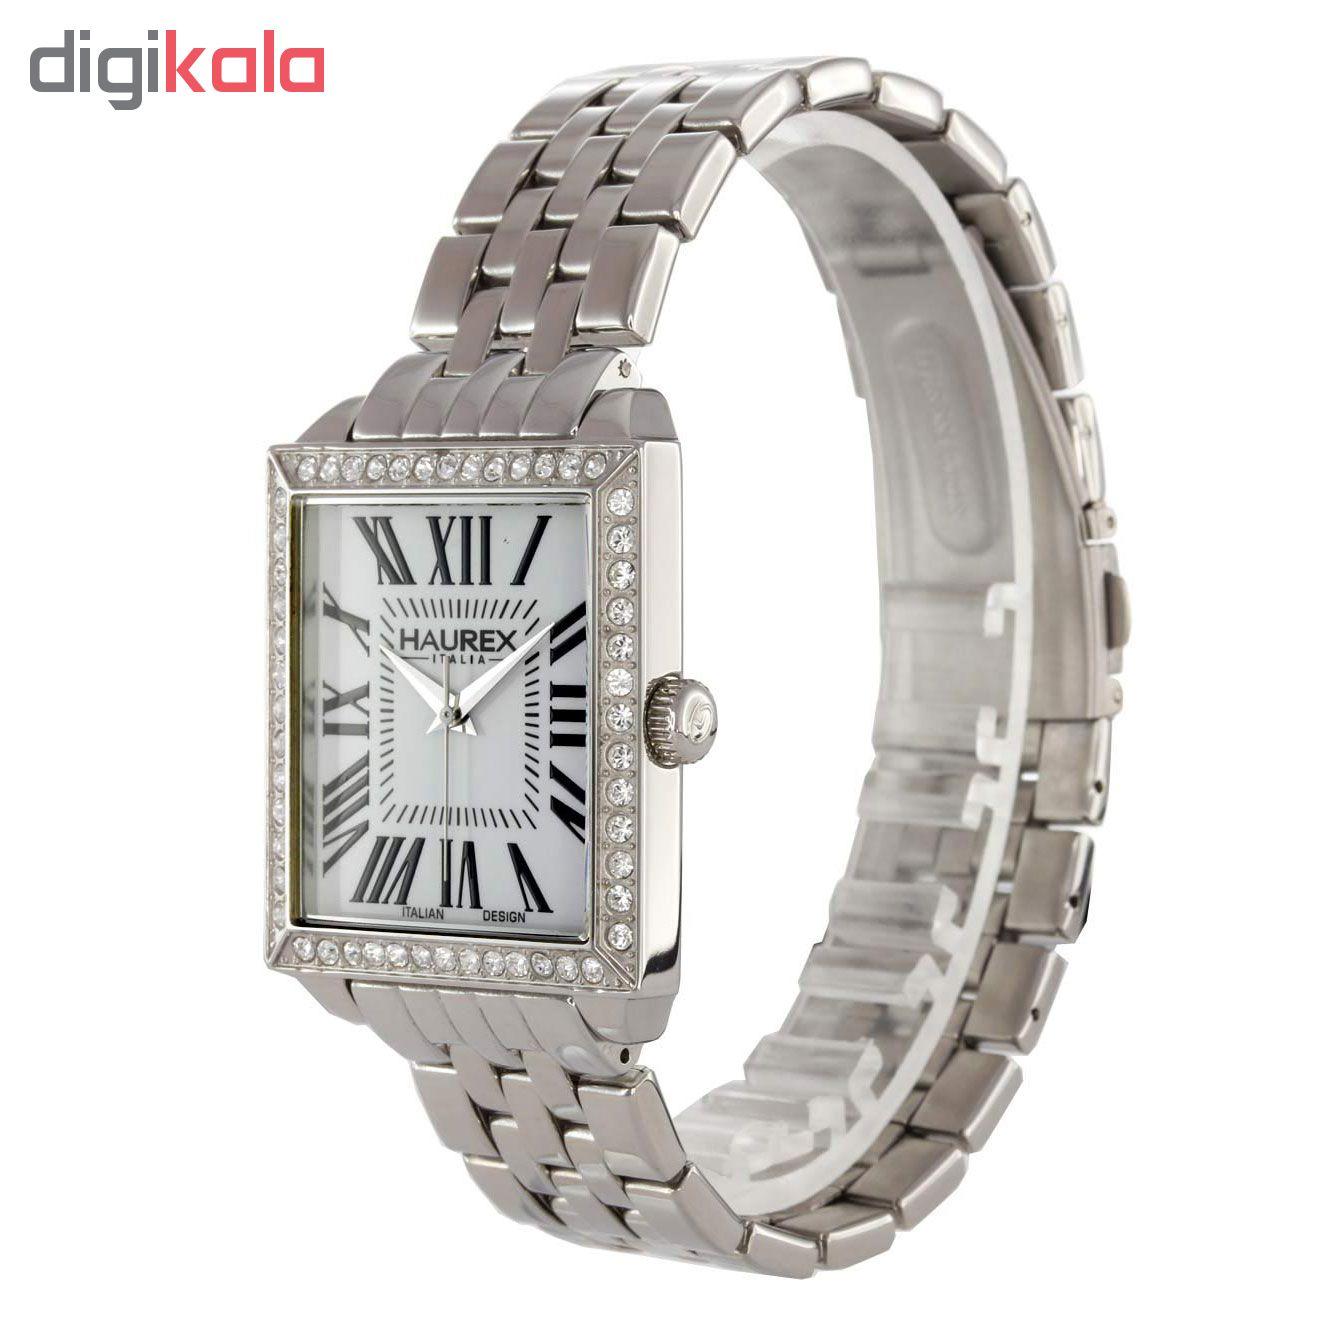 ساعت مچی عقربه ای زنانه هورکس مدل ZQHX-XS376DW1